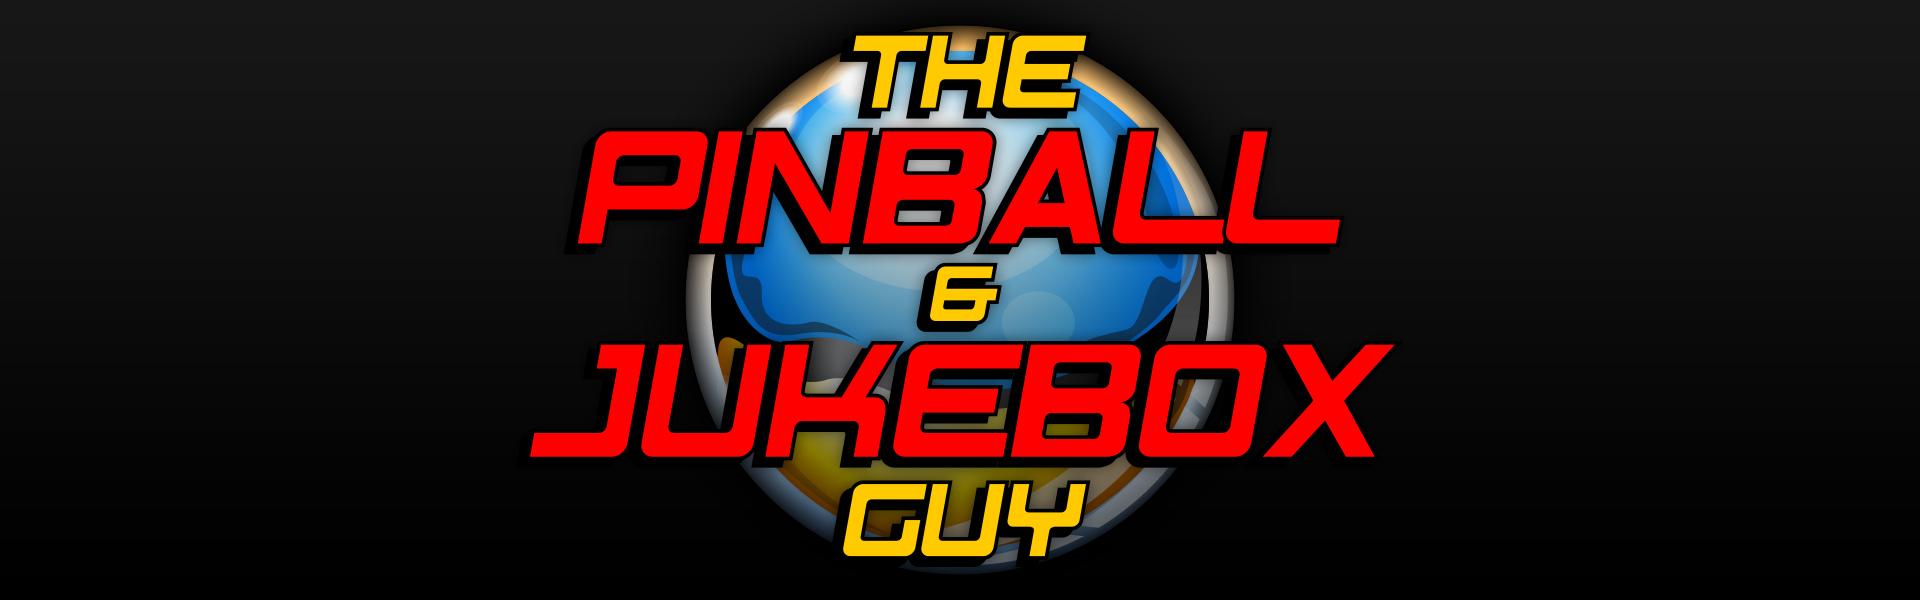 The Pinball & Jukebox Guy